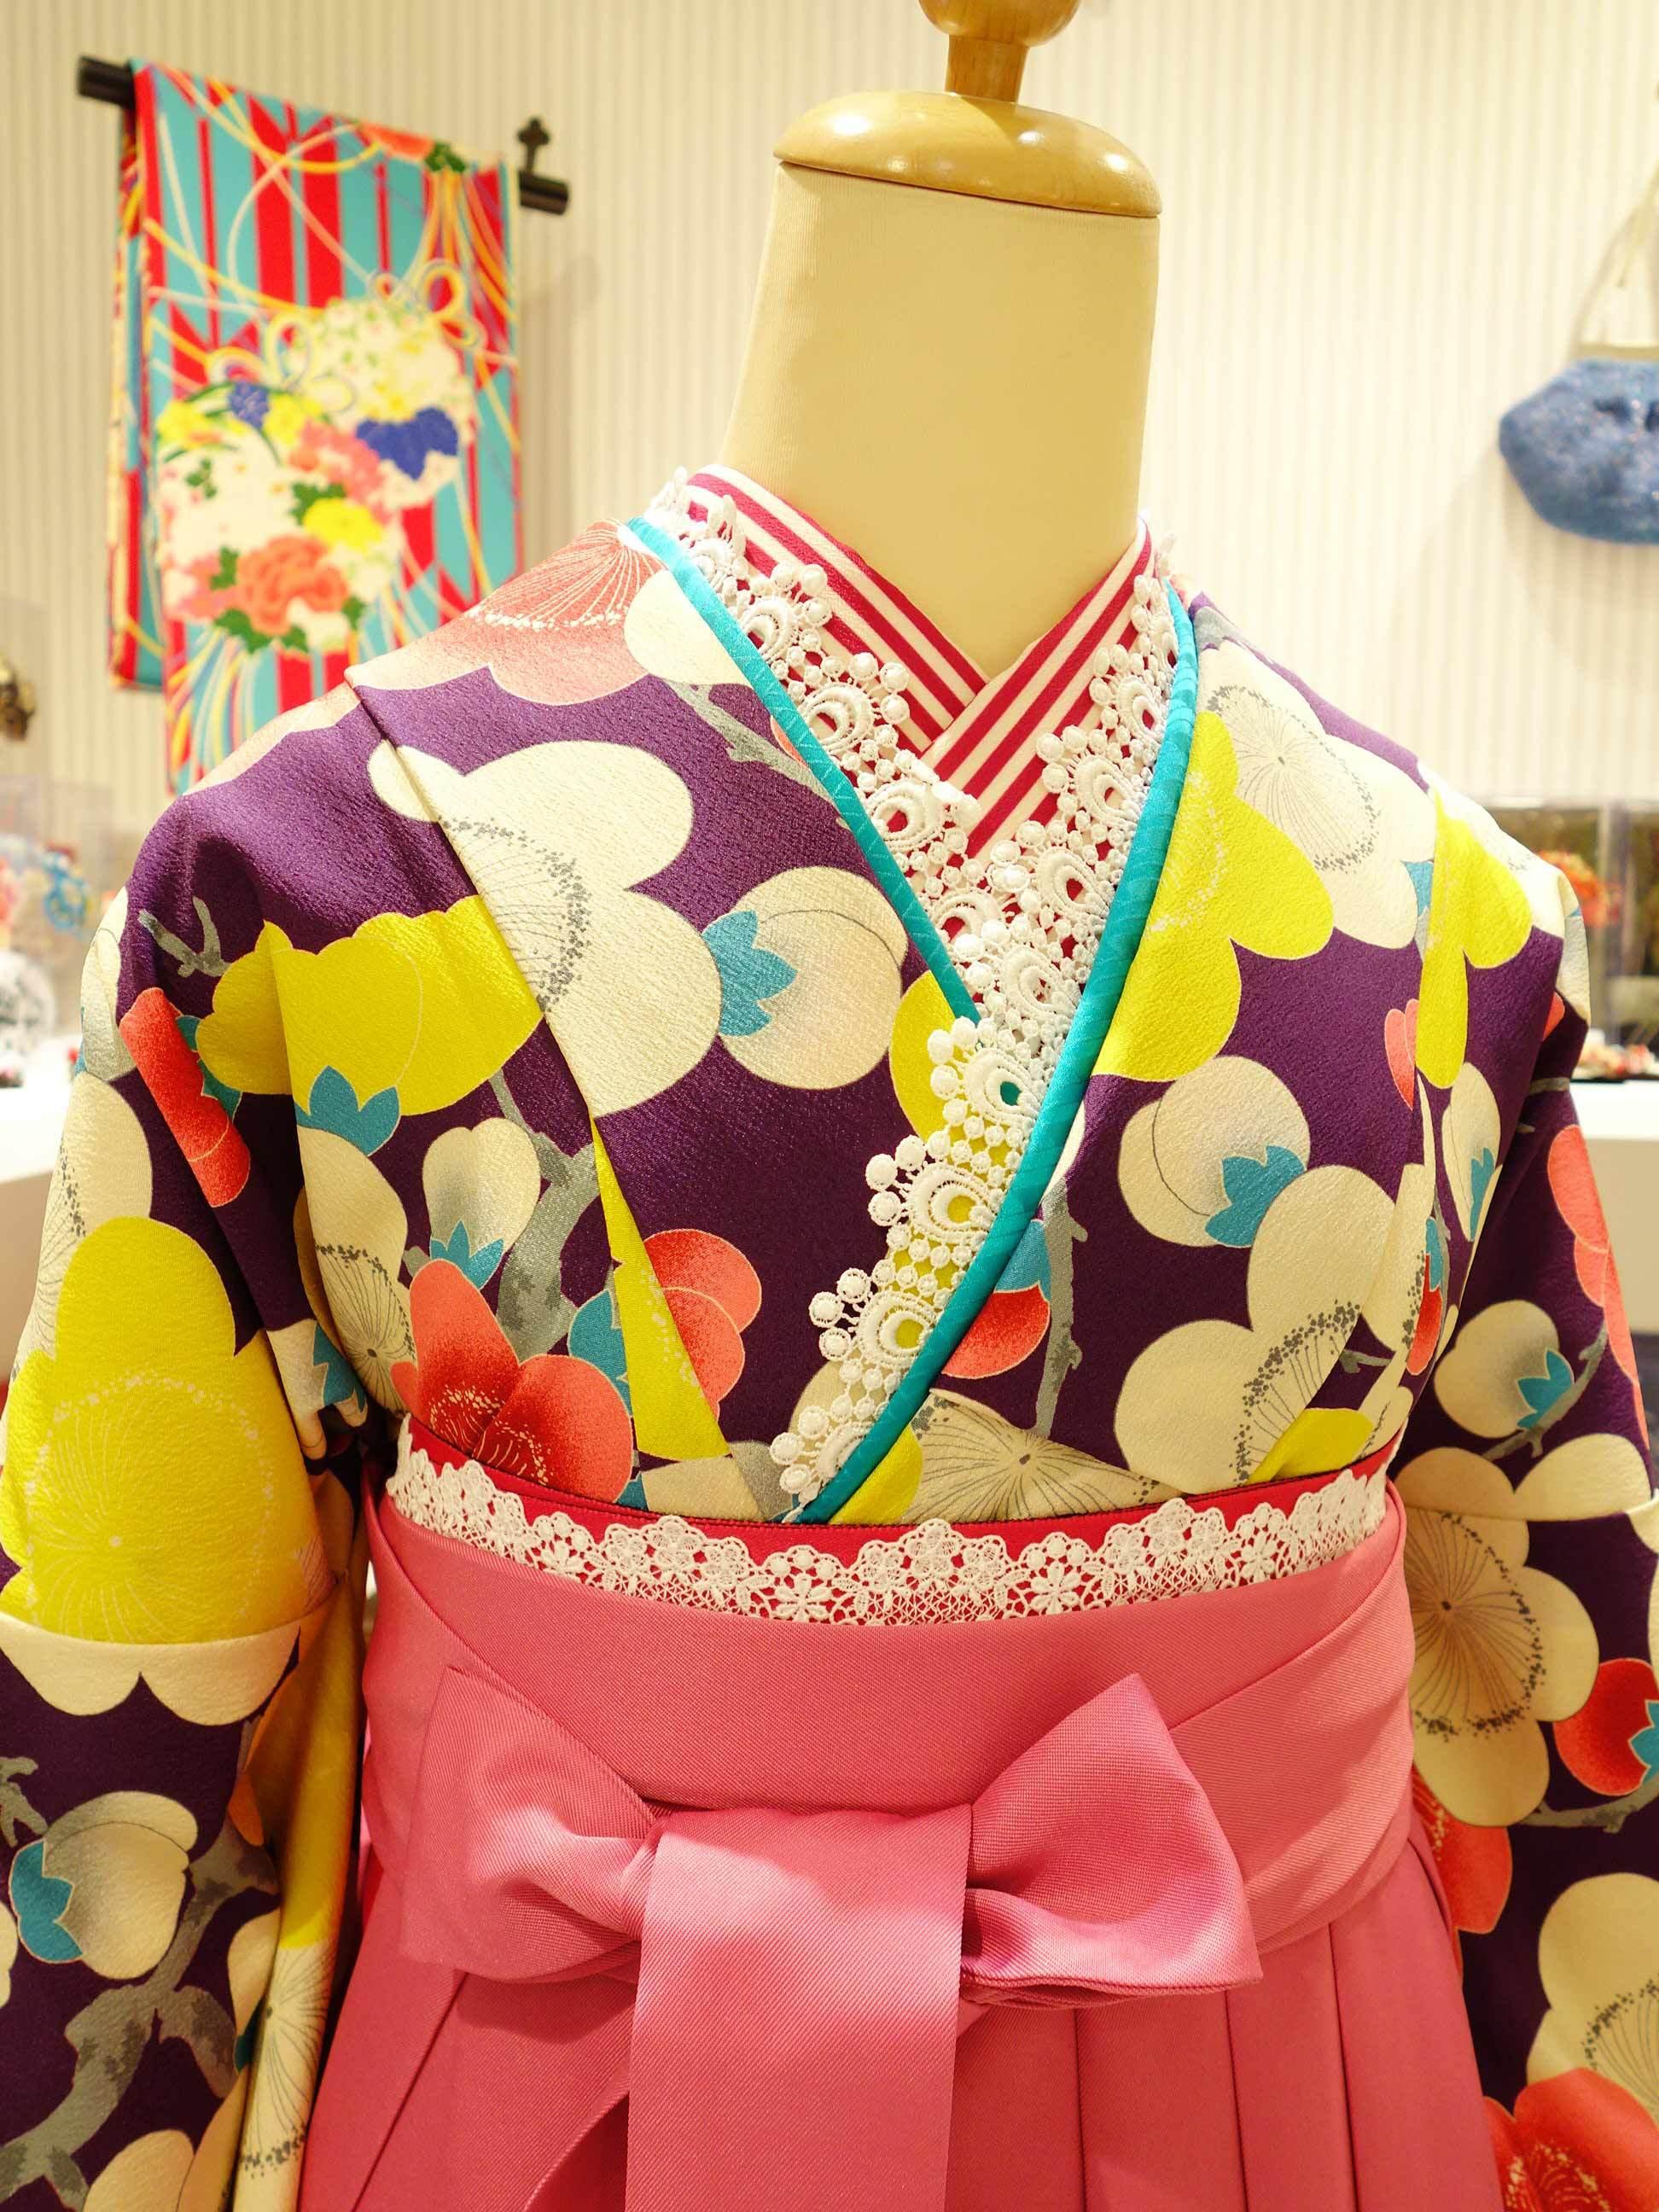 袴レンタル*紫梅×ピンク袴バージョン_e0167832_20275573.jpg